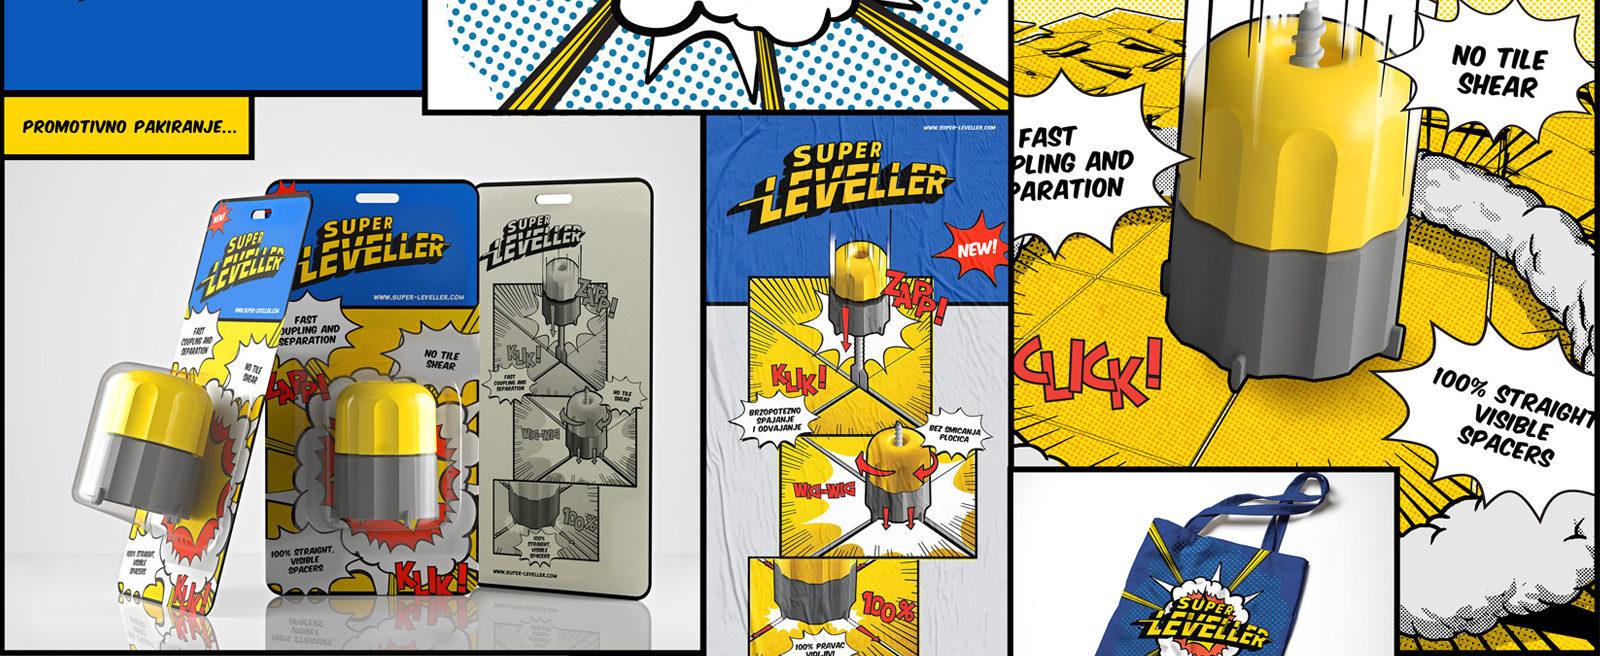 Super Leveller – Ceramic Tile Leveller